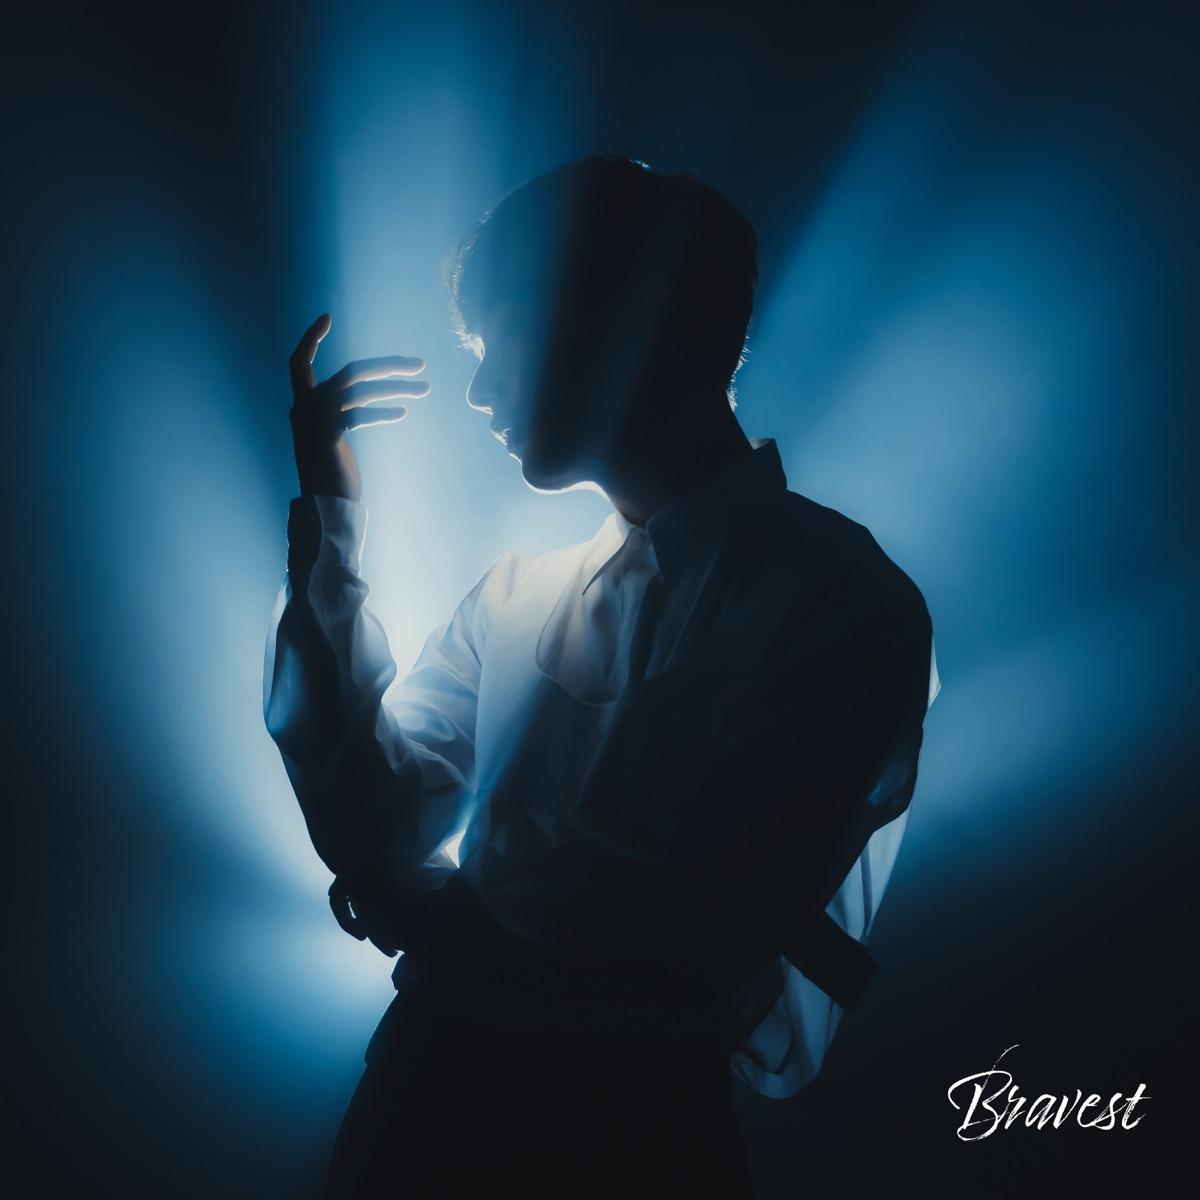 『向井太一 - Bravest』収録の『Bravest』ジャケット